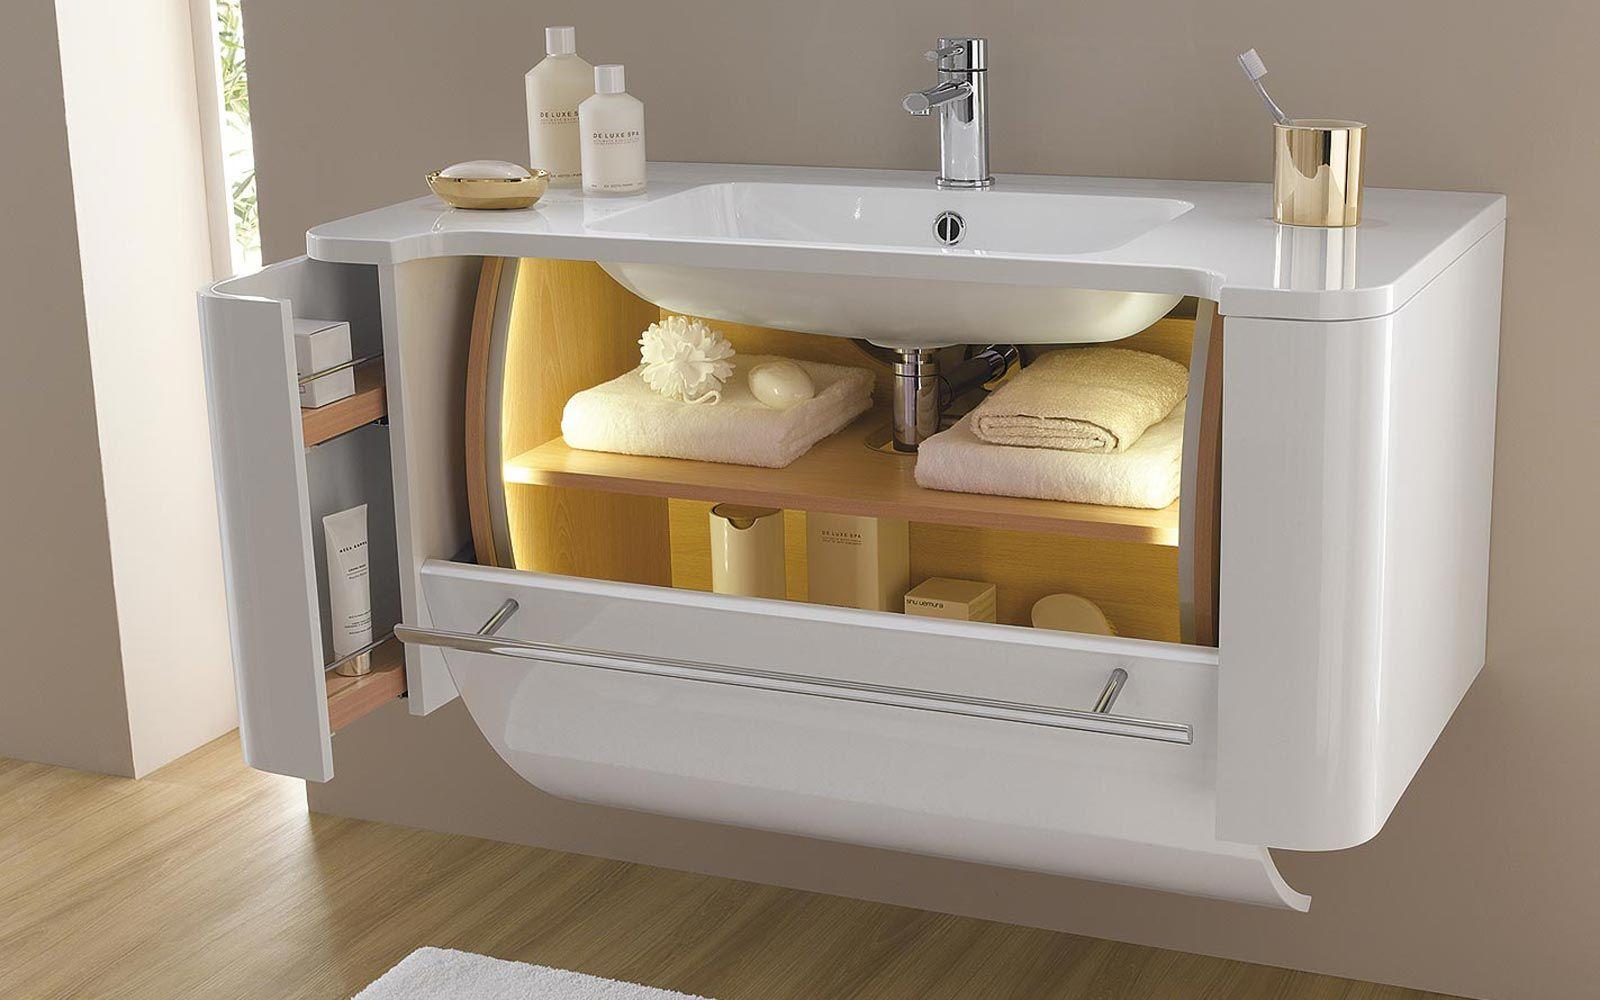 meuble salle de bain decotec millesime